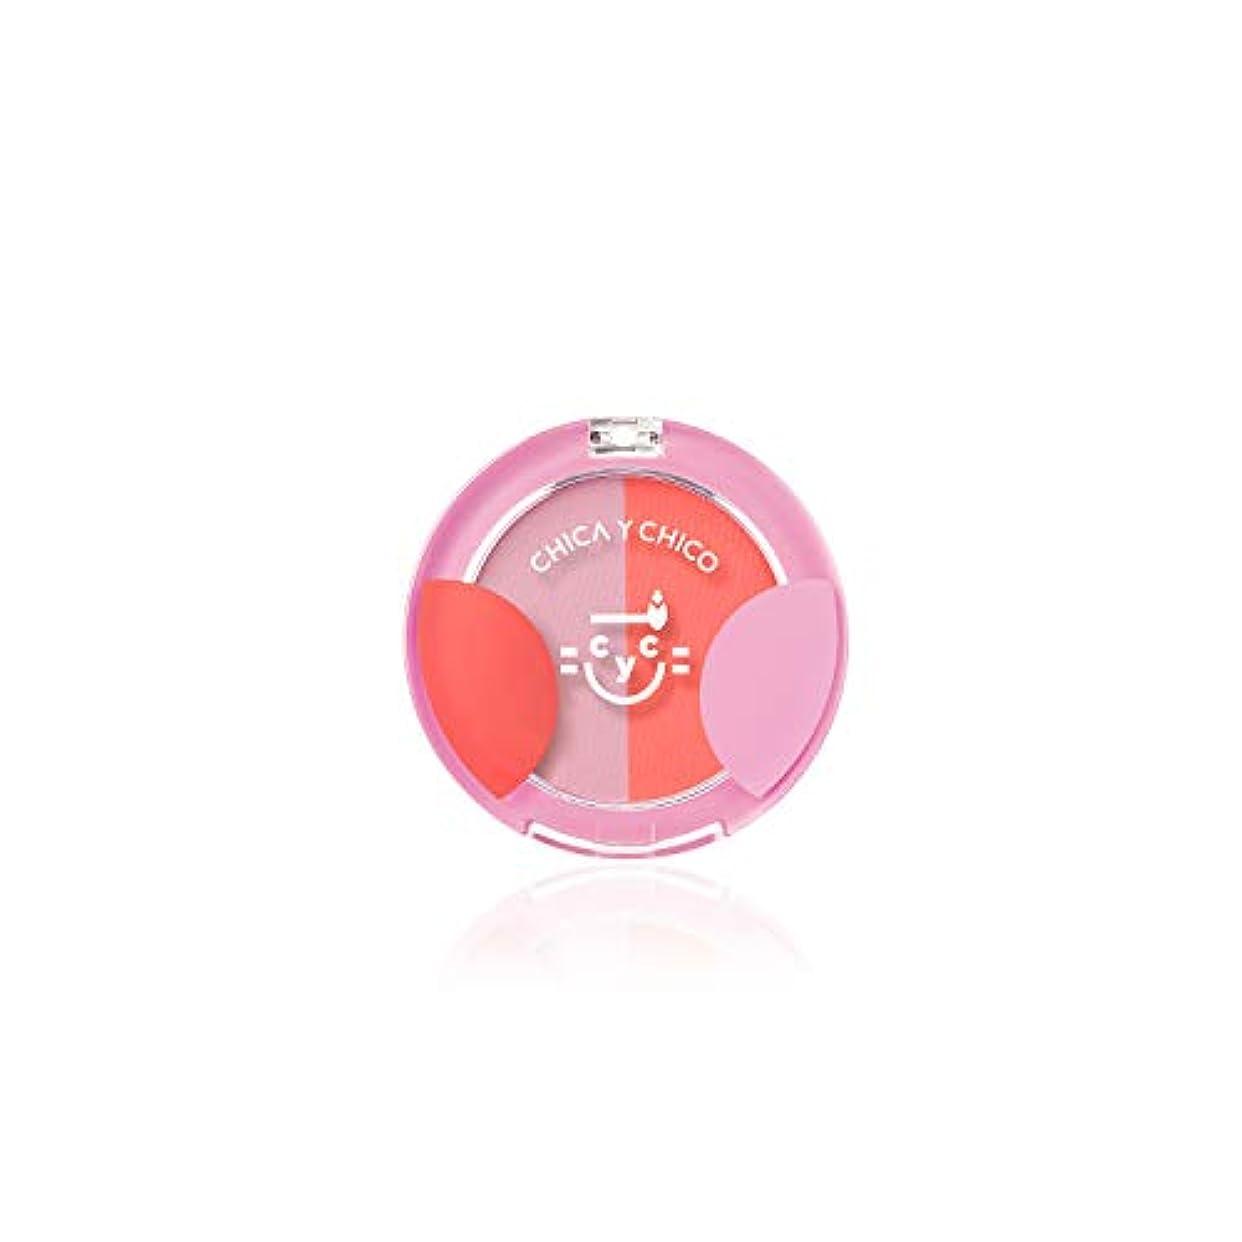 光電ライオネルグリーンストリートオンス[チカイチコ]ワンタッチデュオチーク2号(ピンクインディアンダンシング)■高発色